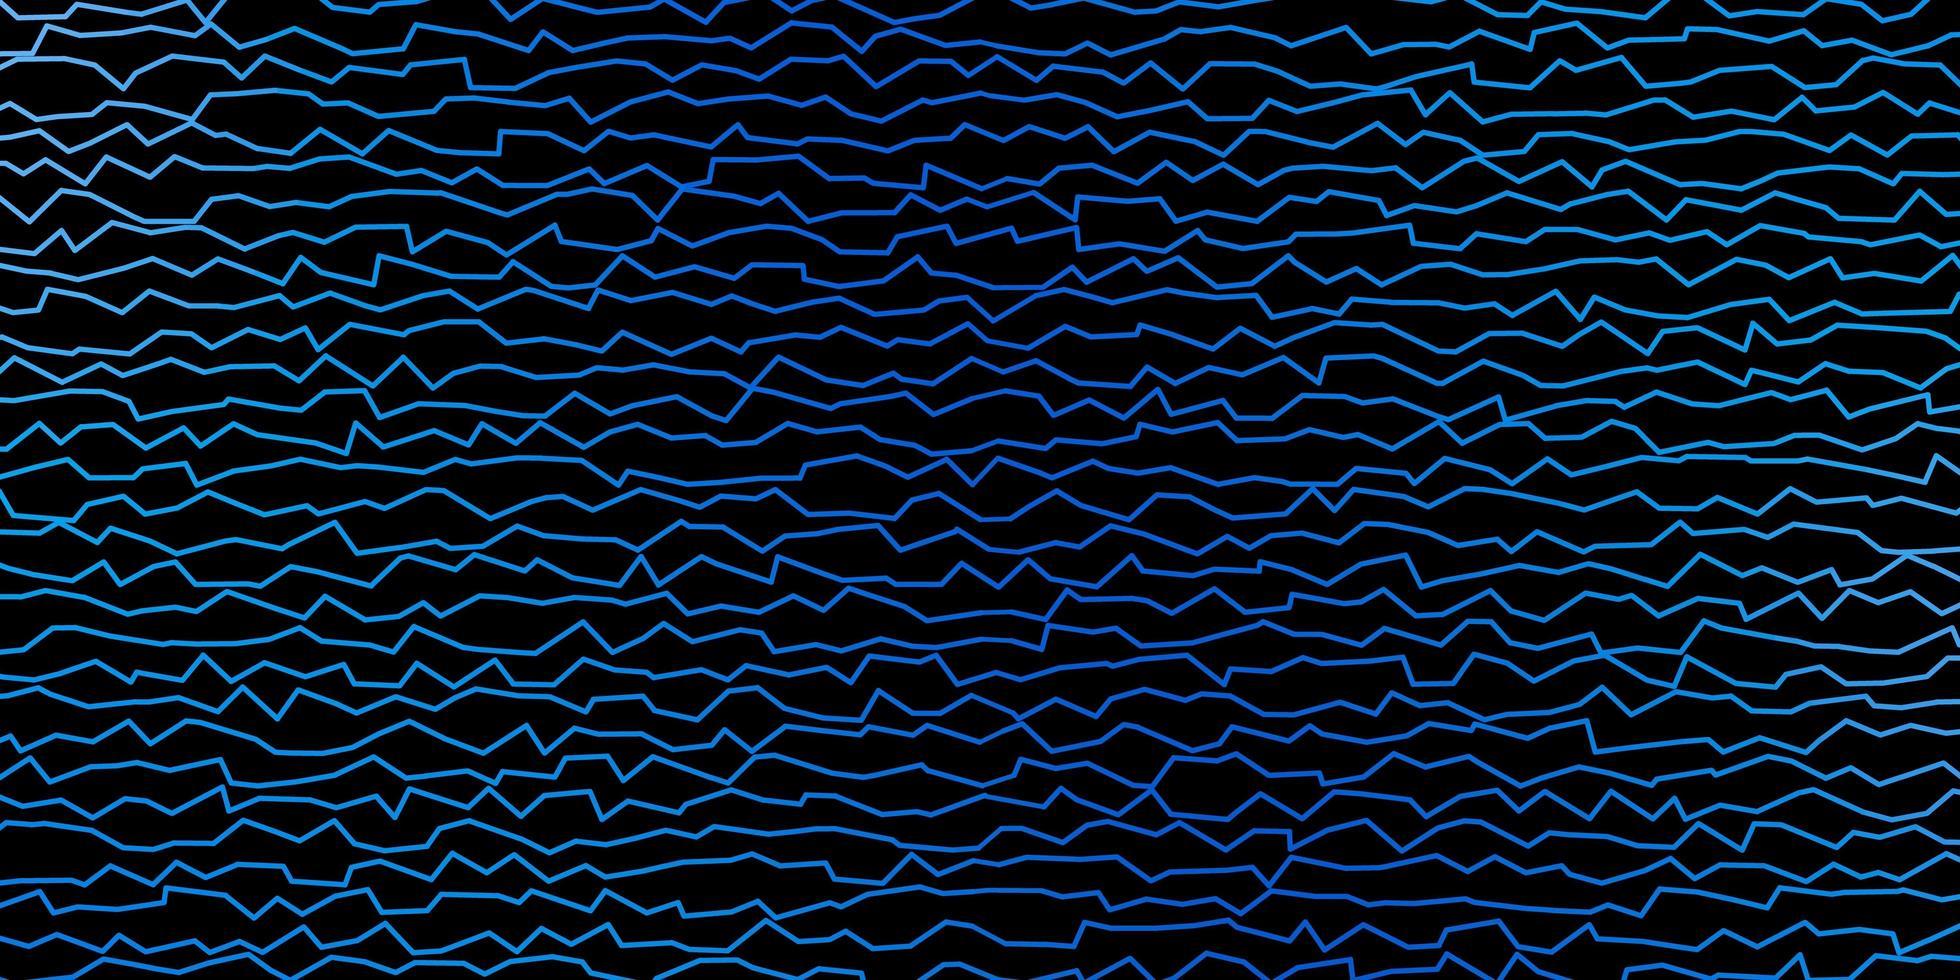 textura azul oscuro con arco circular. vector